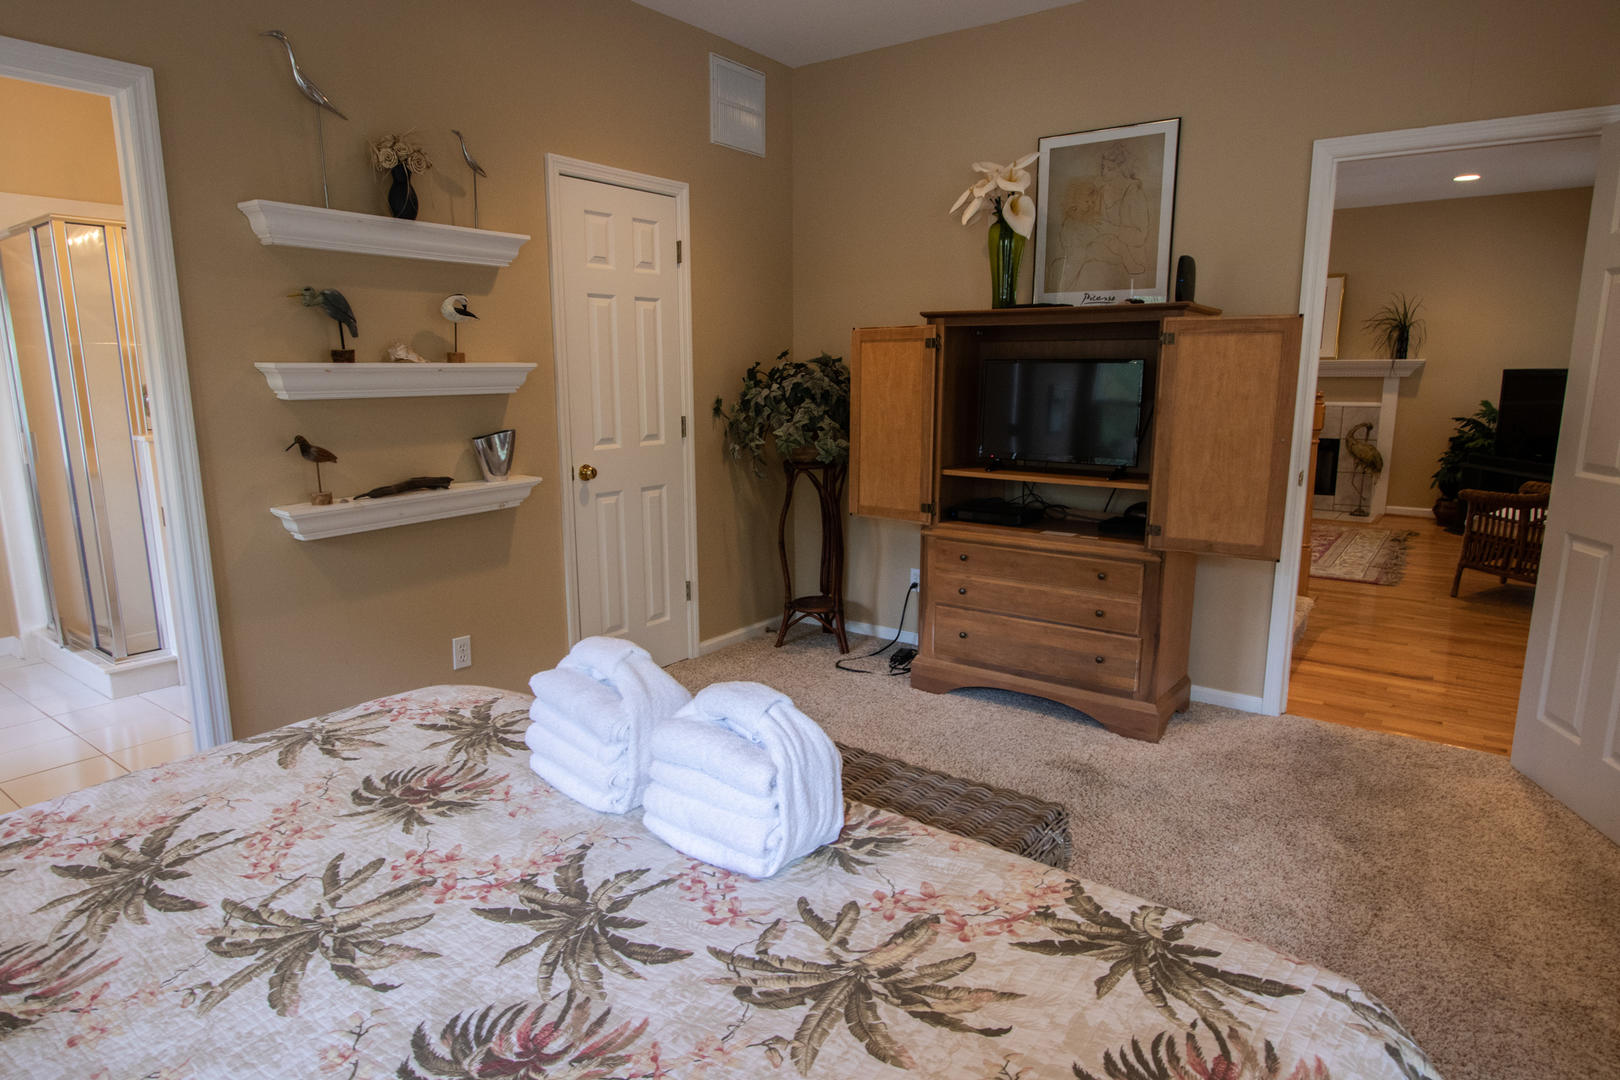 Bedroom 1, 1st floor, TV w/ DVD player, en sutie full bath